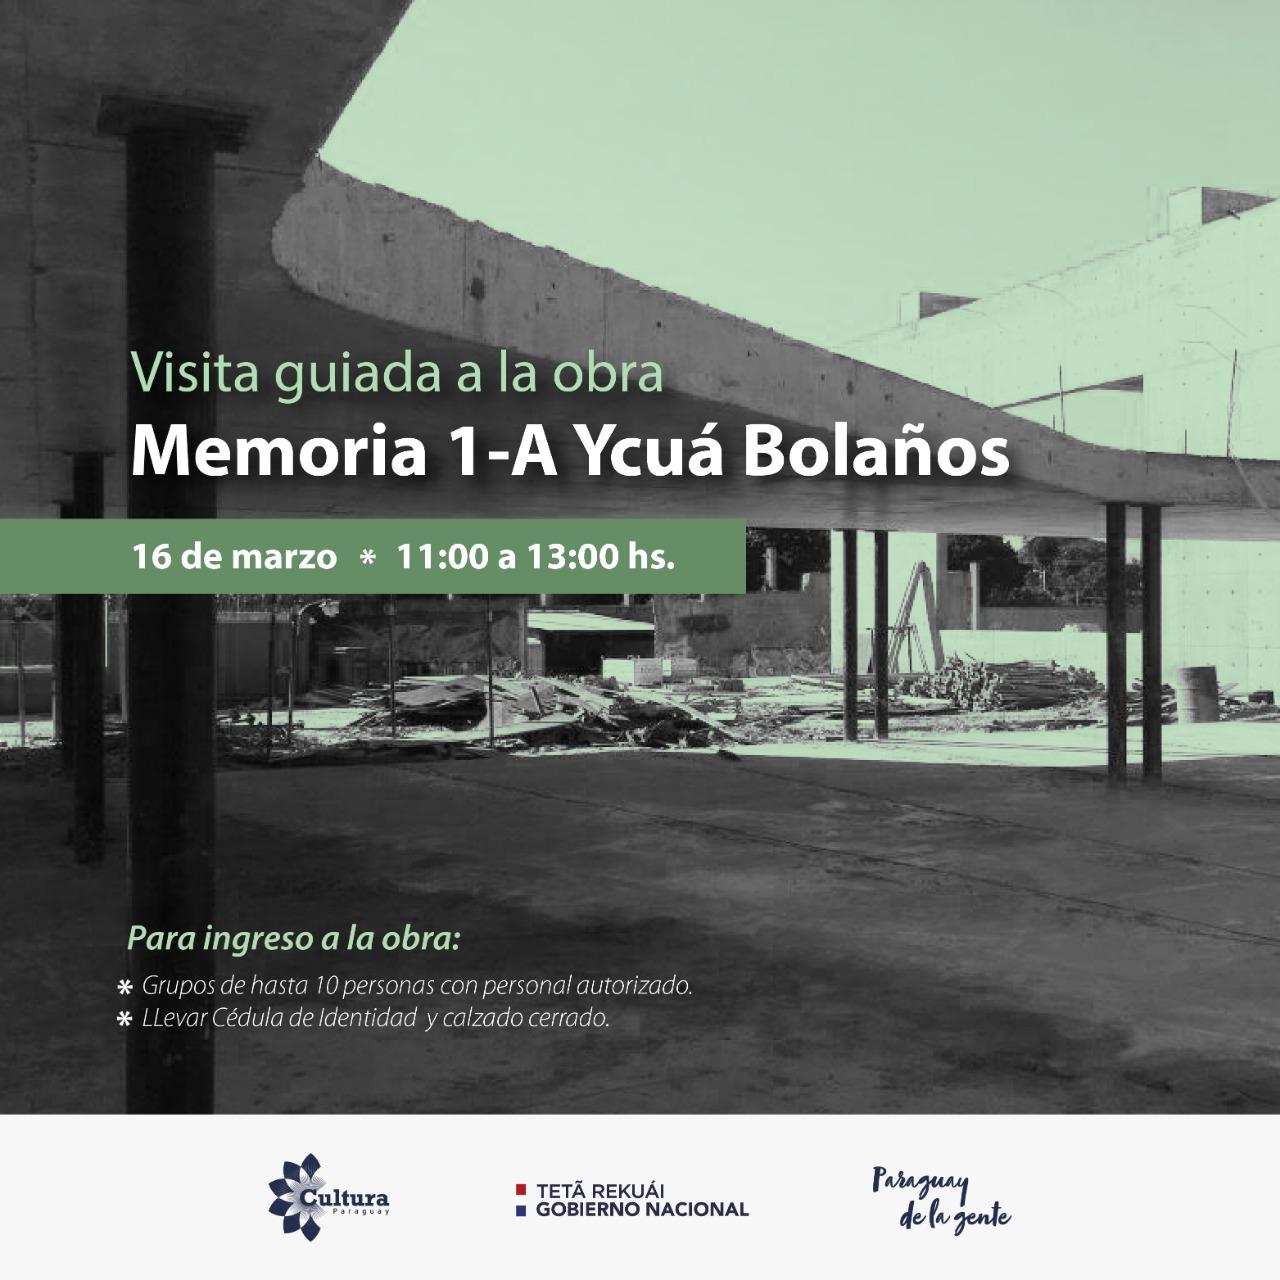 Visita guiada en el sitio de Memoria 1-A Ycuá Bolaños imagen